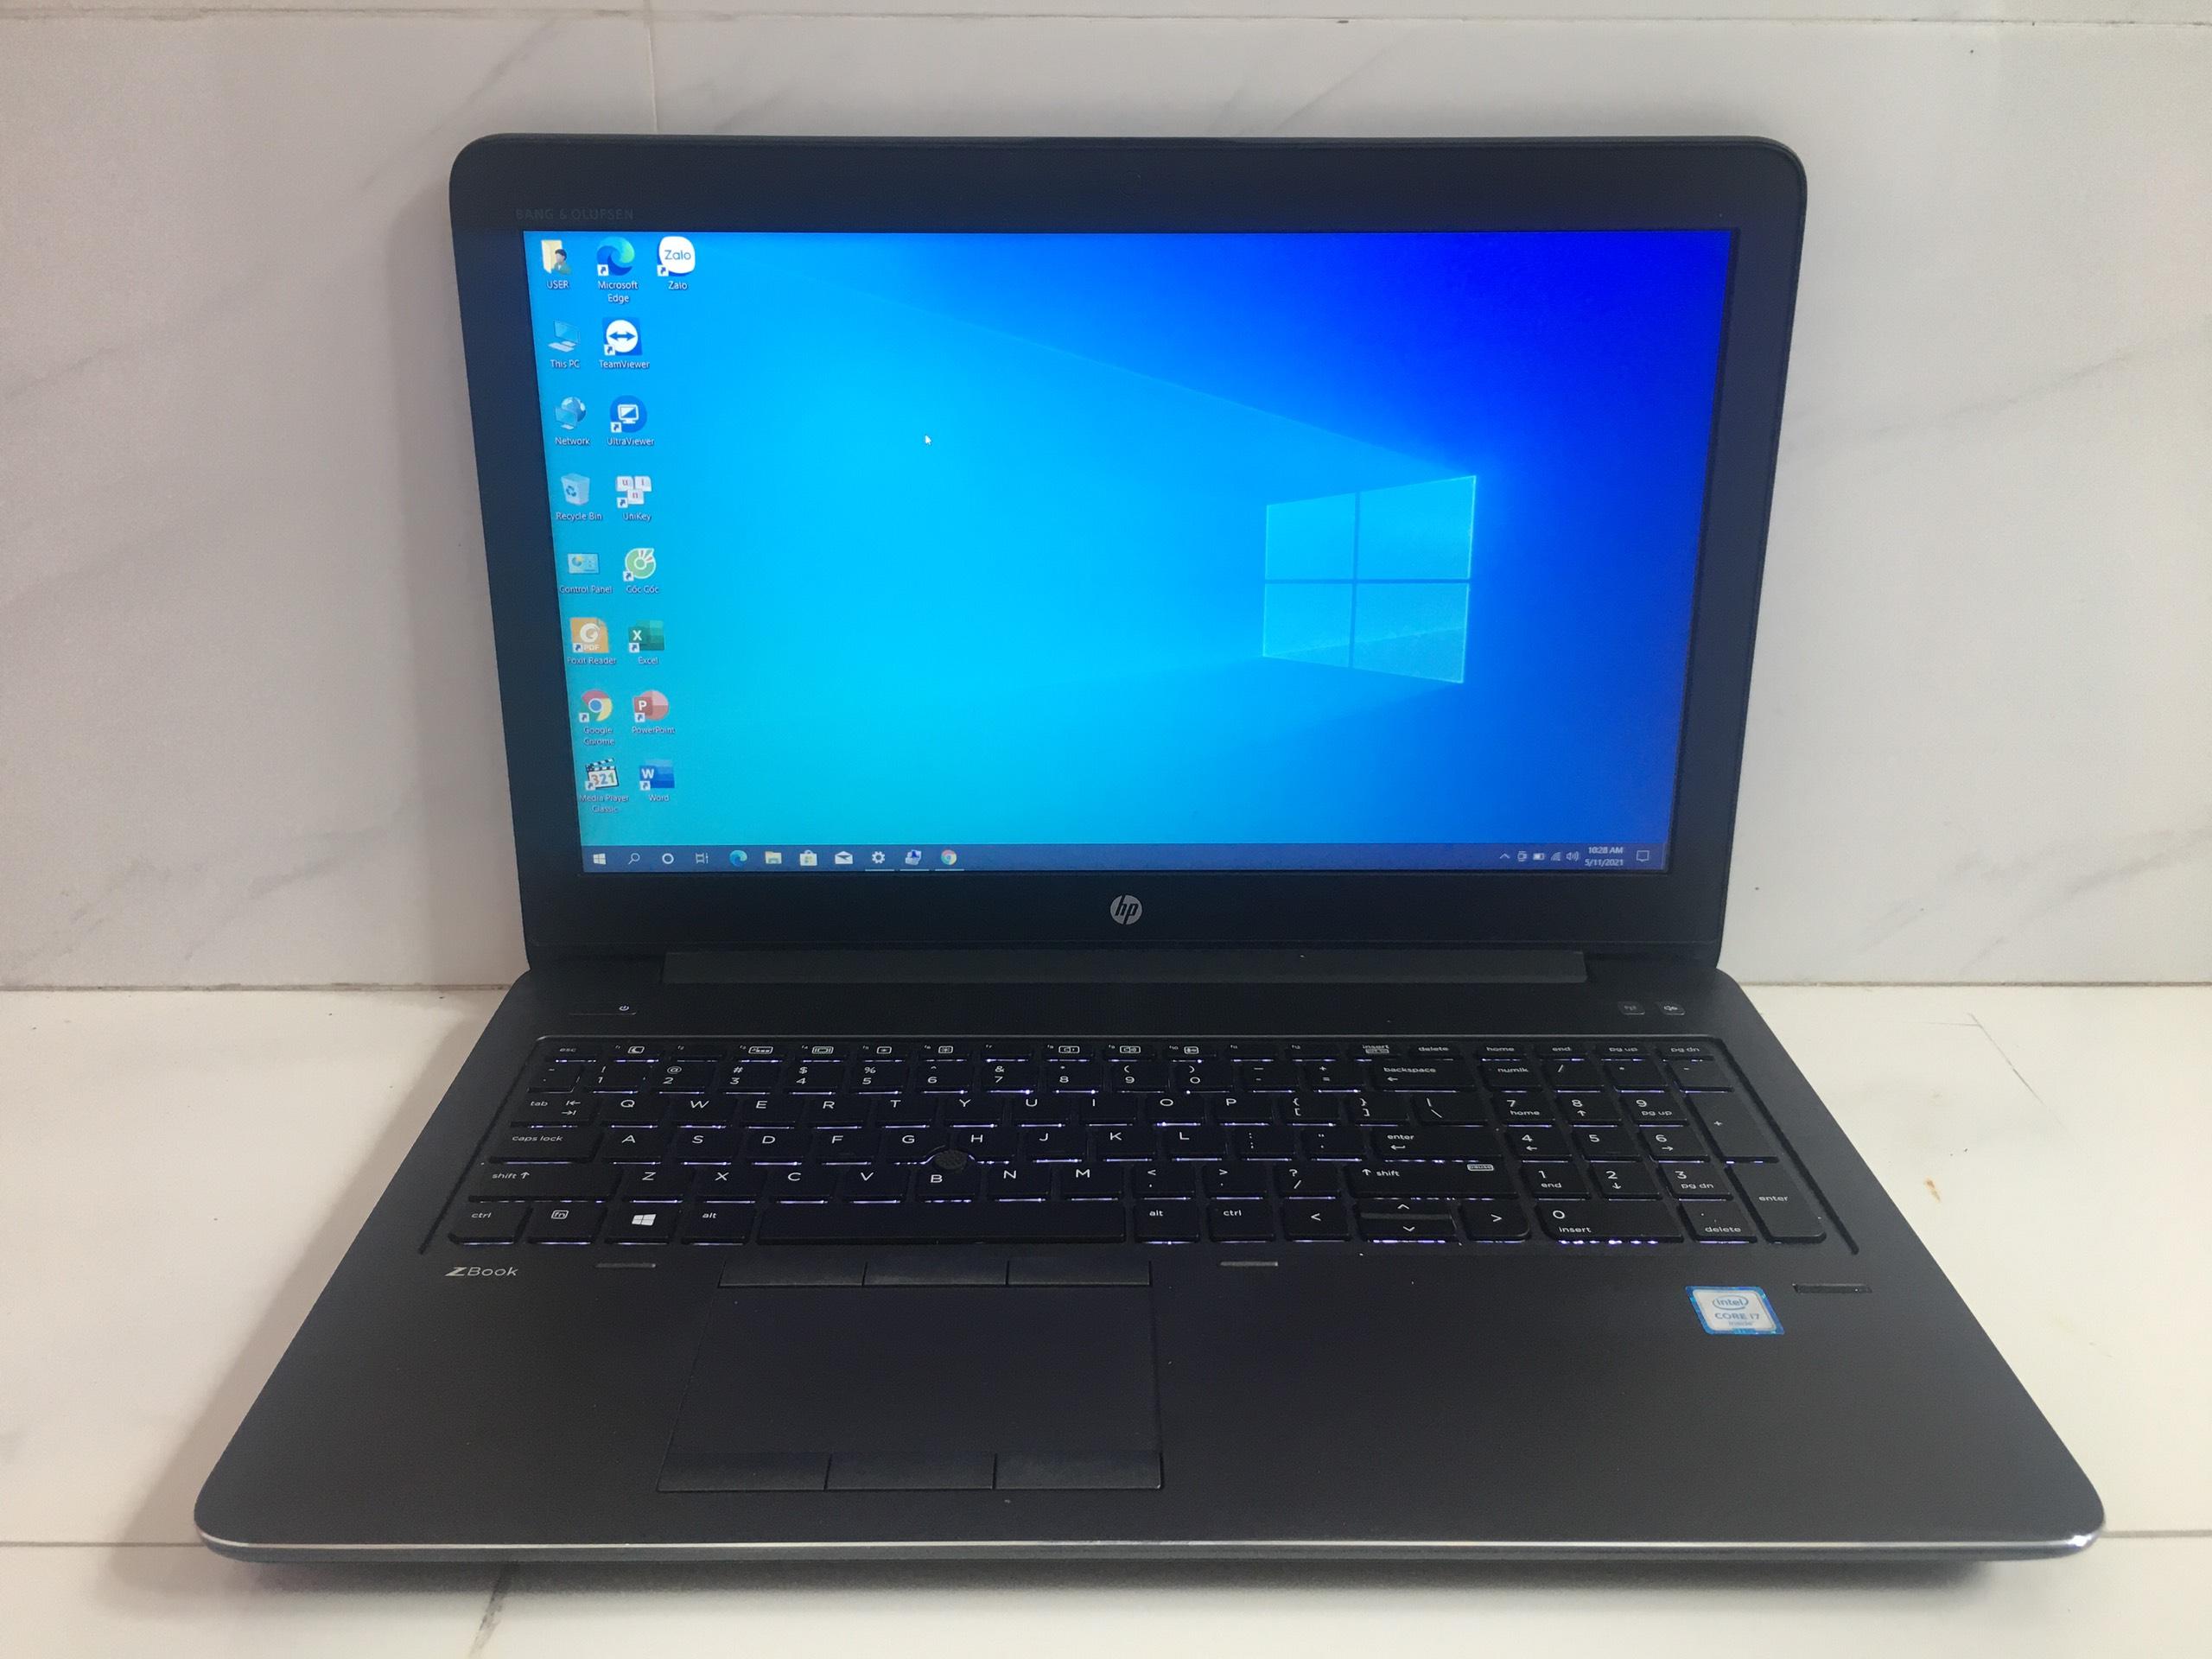 laptop-hp-zbook-15-g3-core-i7-6820hq-12